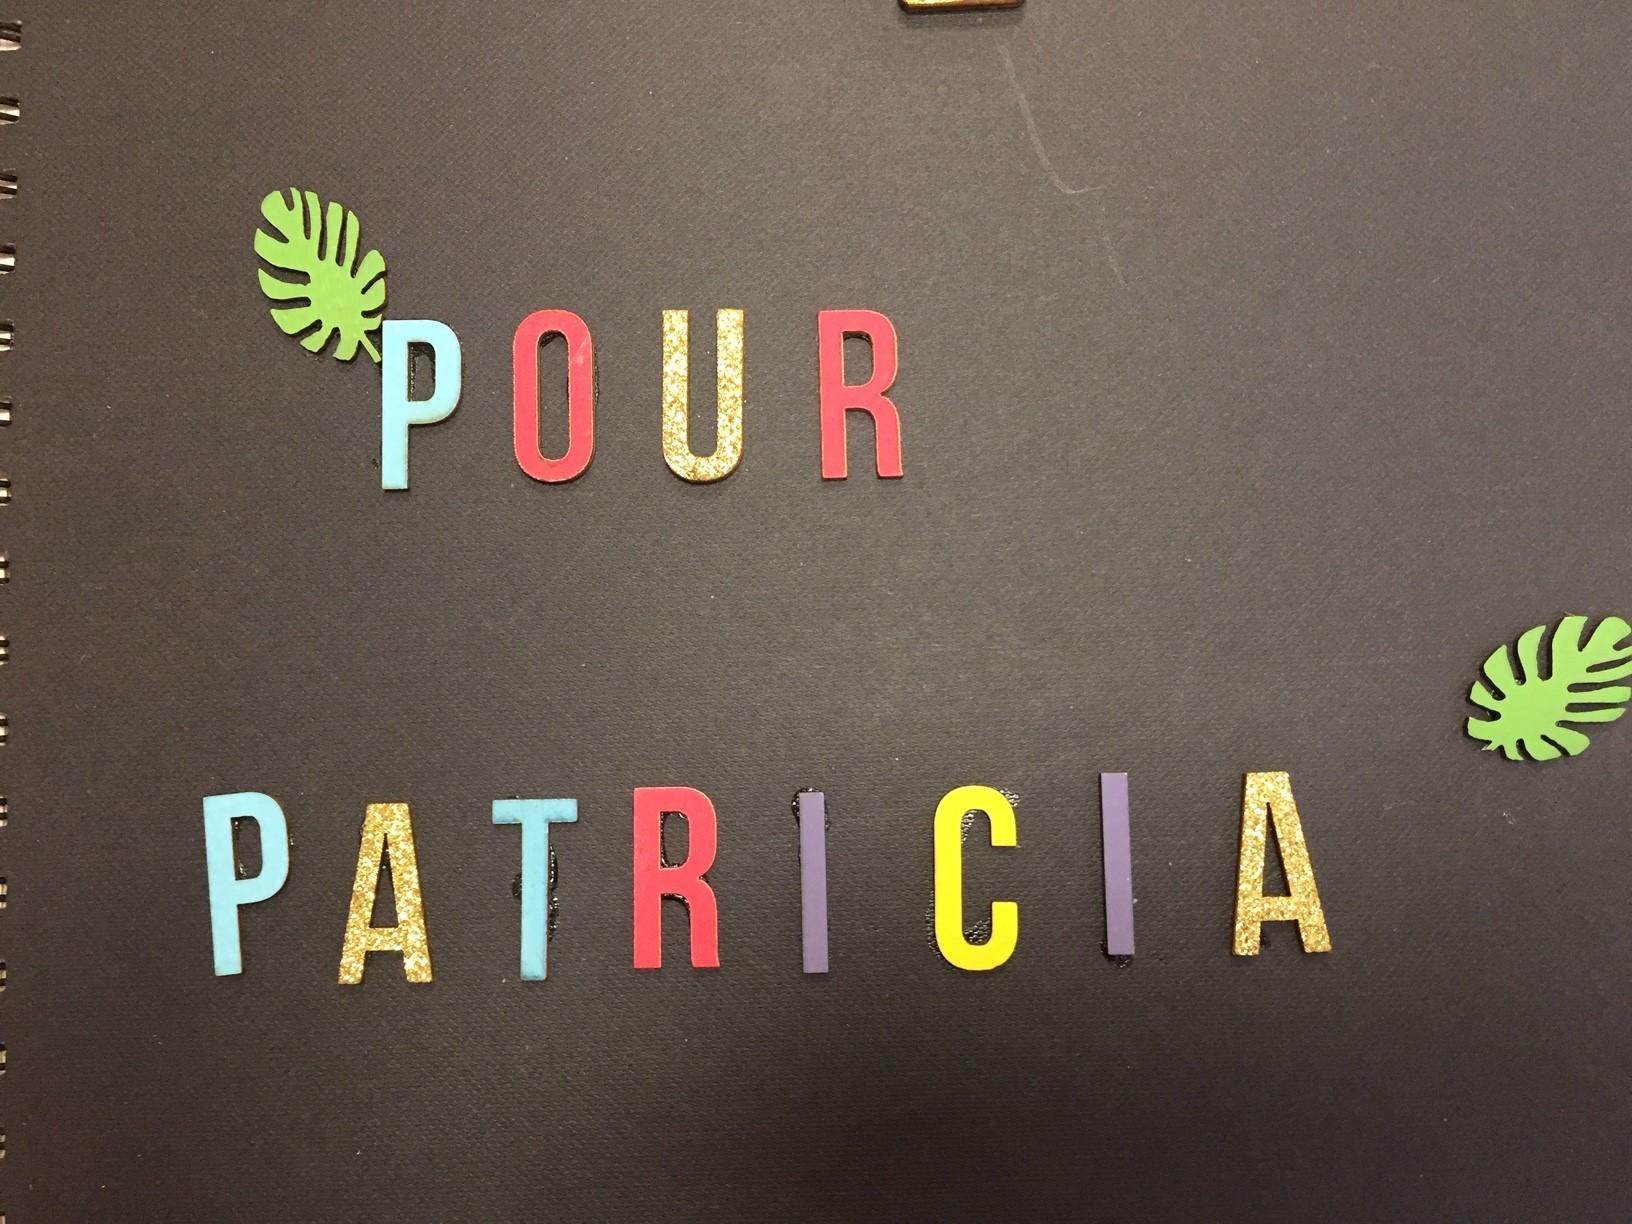 Patricia 5.jpg